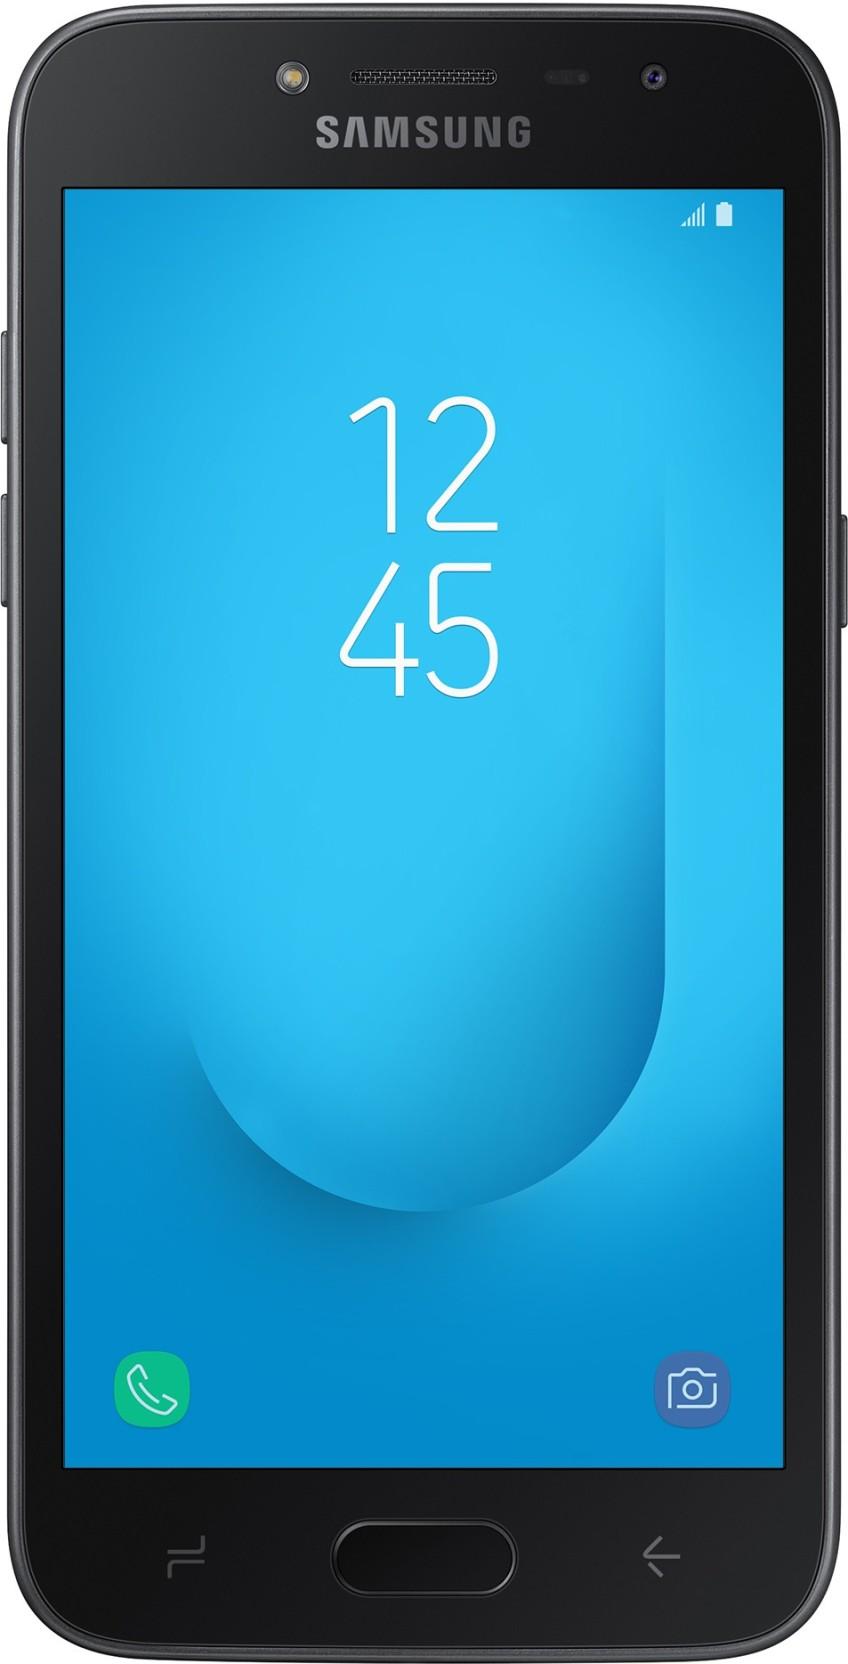 Info Harga Samsung Galaxy J2 Prime Smartphone Hitam 8 Gb 15 Lg K10 Power 4g Lte 55ampquot 2 16gb 13 5mp Jual J3 Pro 2gb Black Terbaru 2018